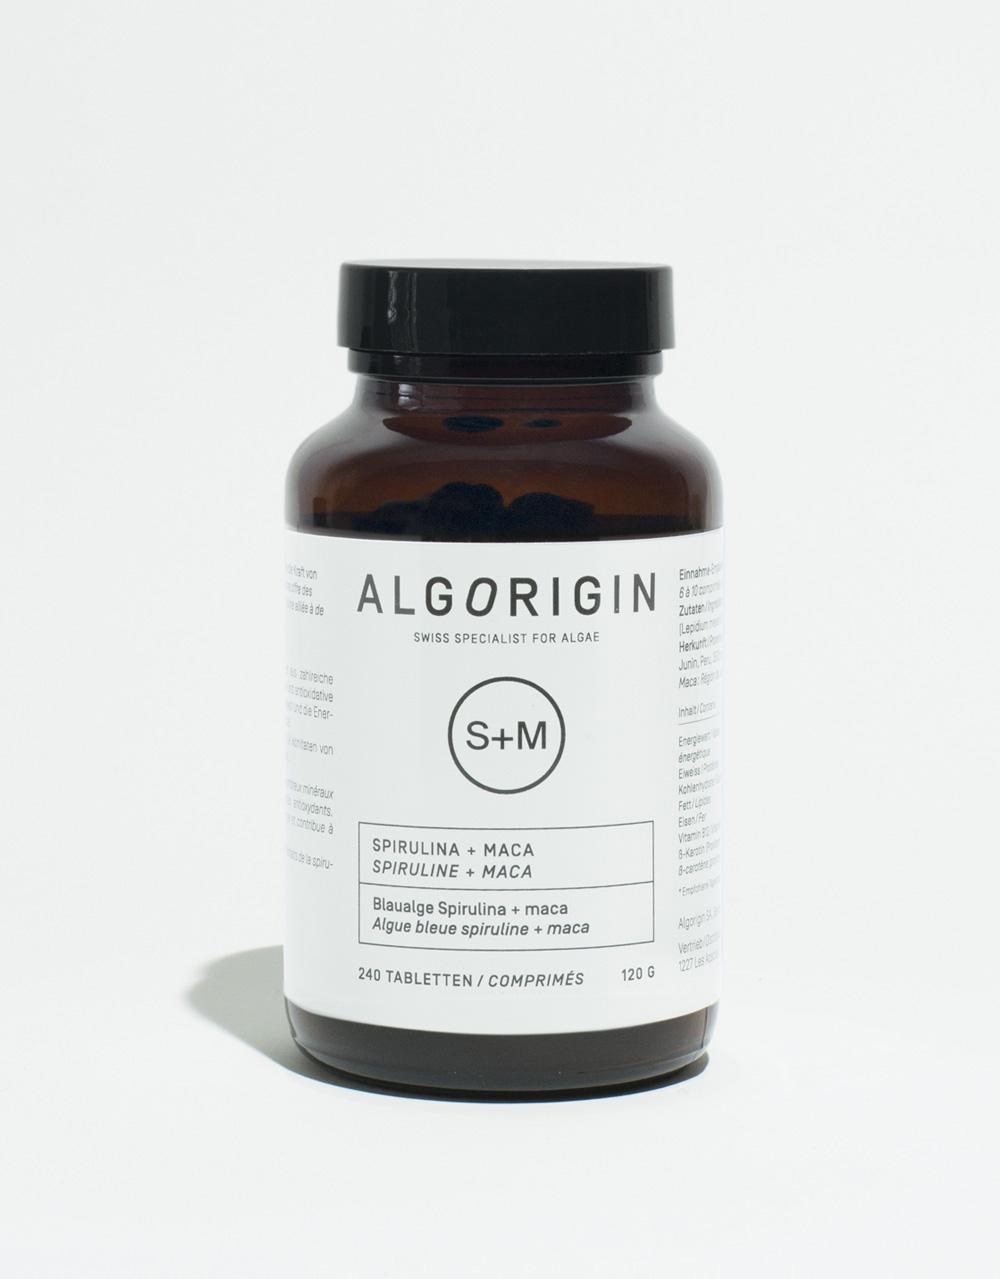 algorigin-spiruline+maca